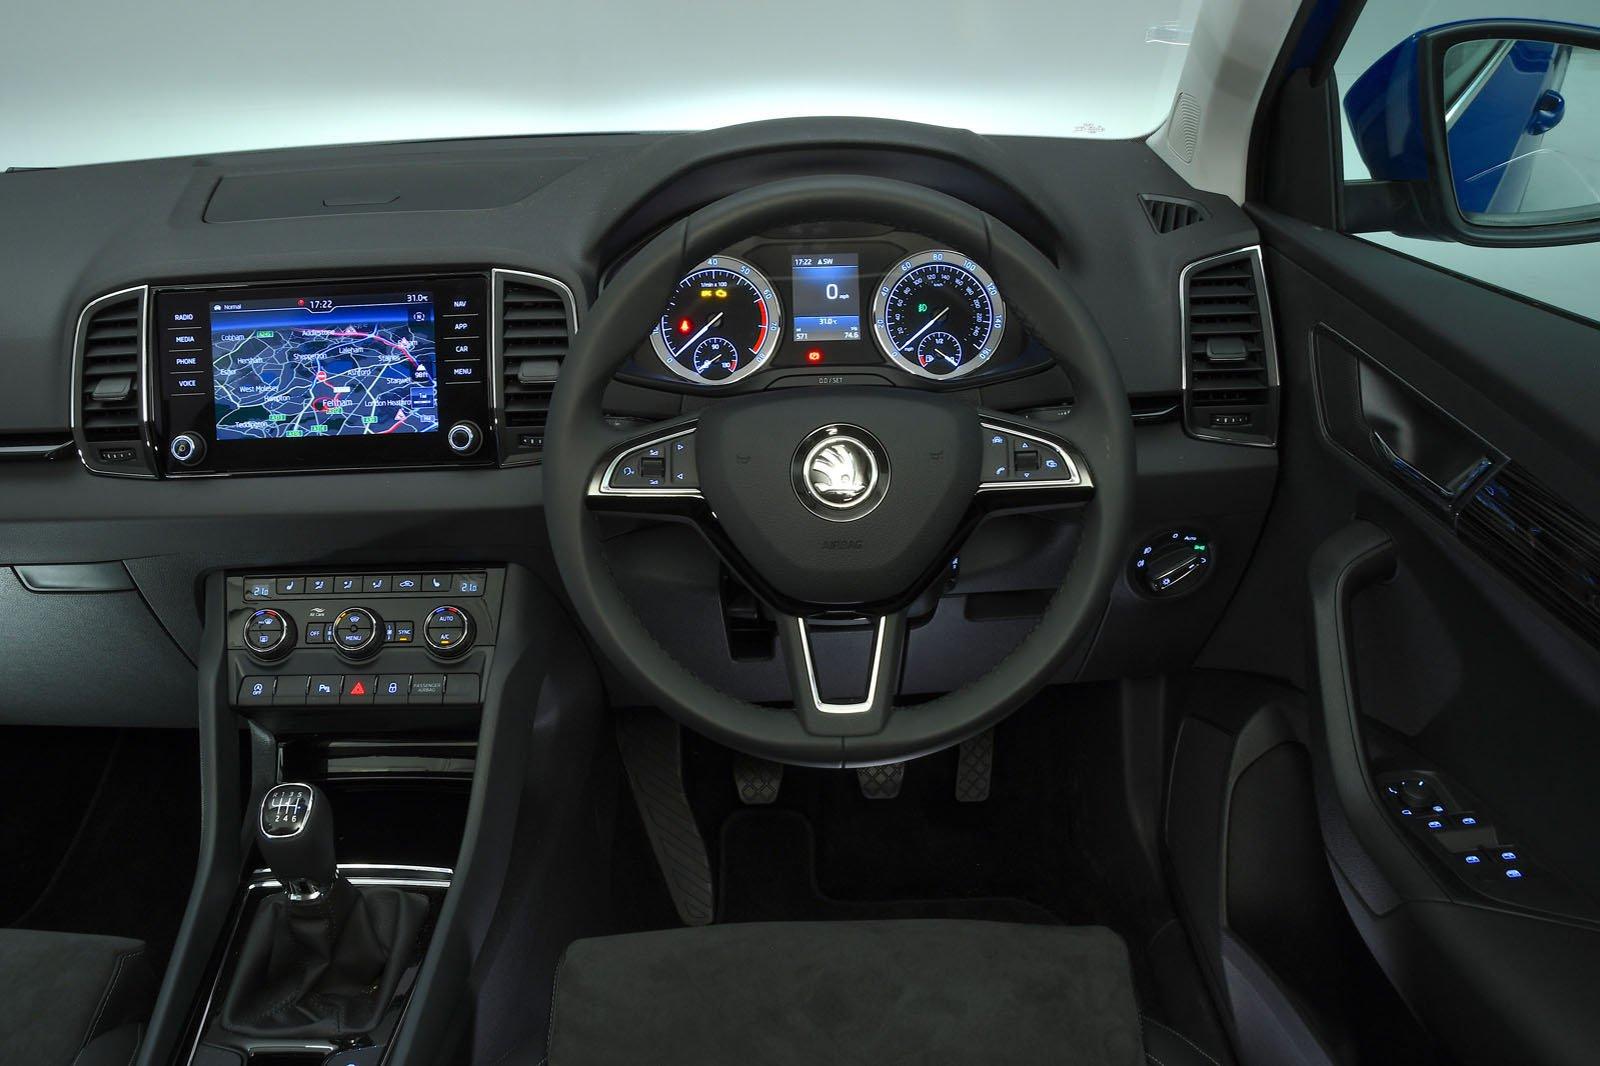 Skoda Karoq 1.5 TSI SE - interior